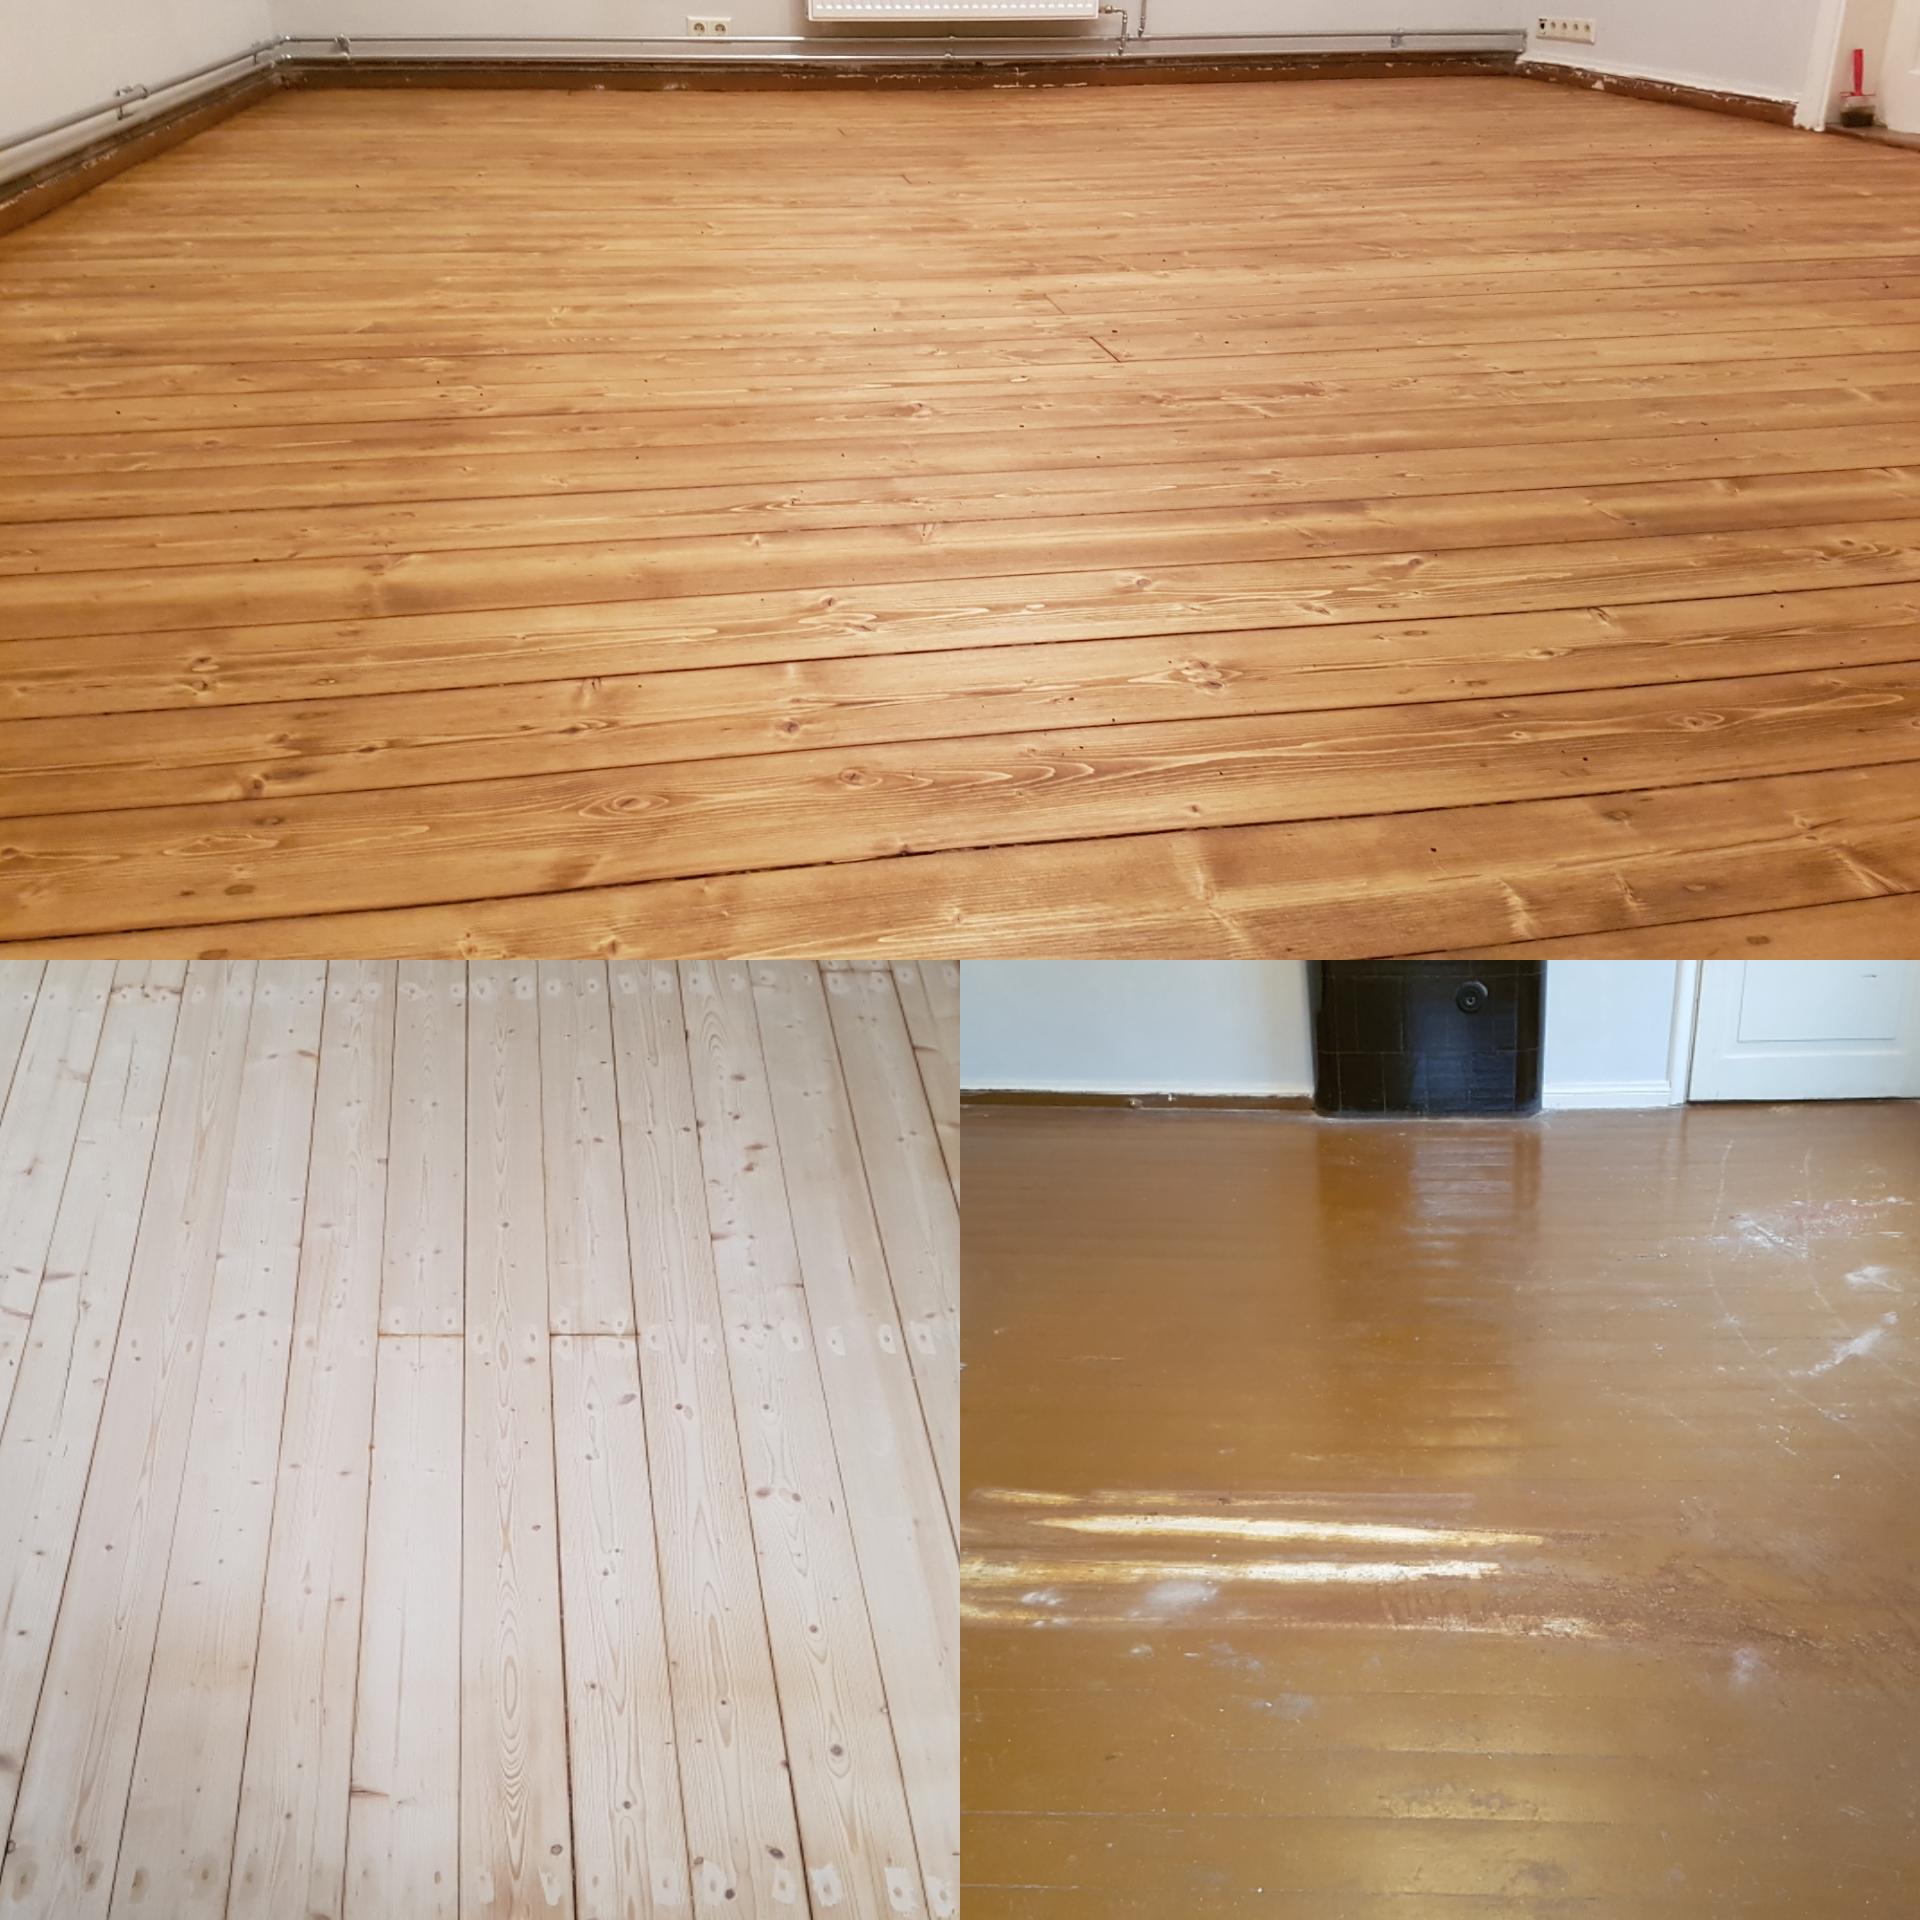 Puitpõranda lihvimine ja lakkimine